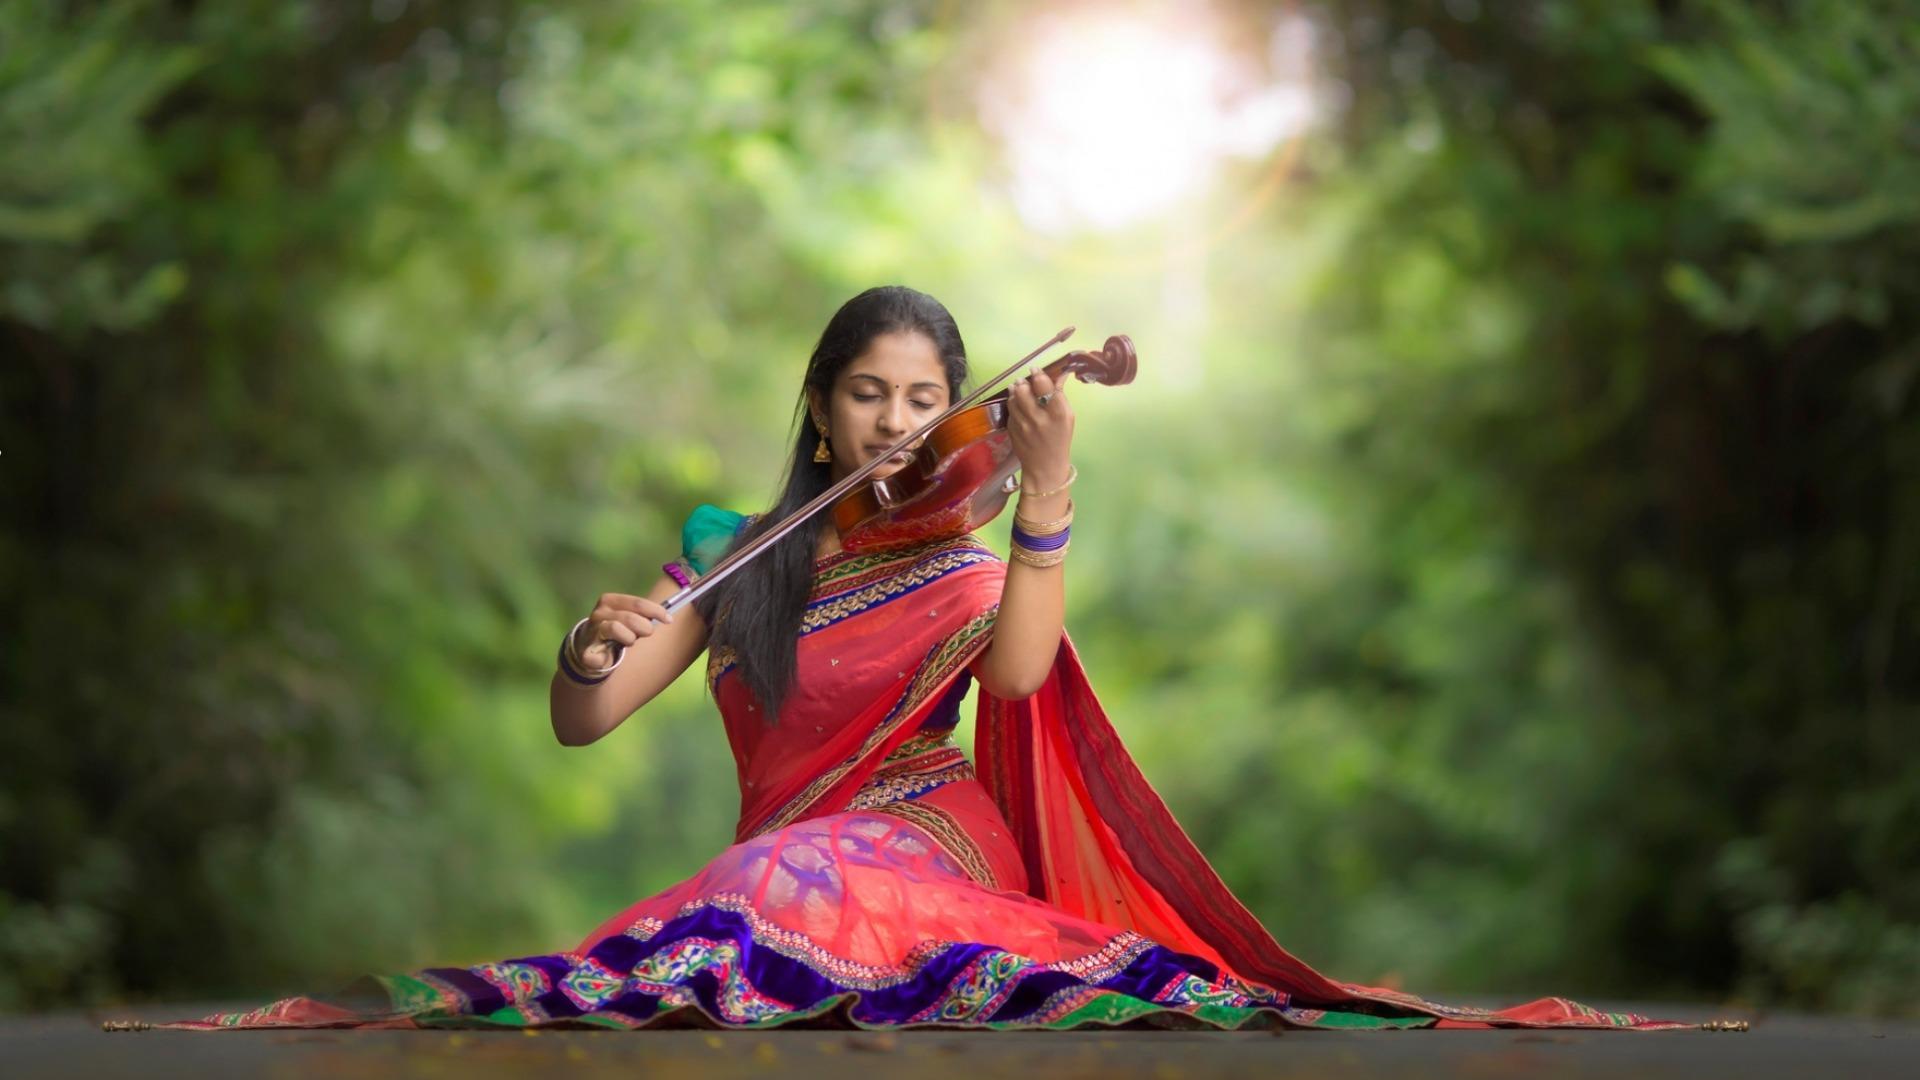 عکس دختر هندی در حال نواختن ویولن